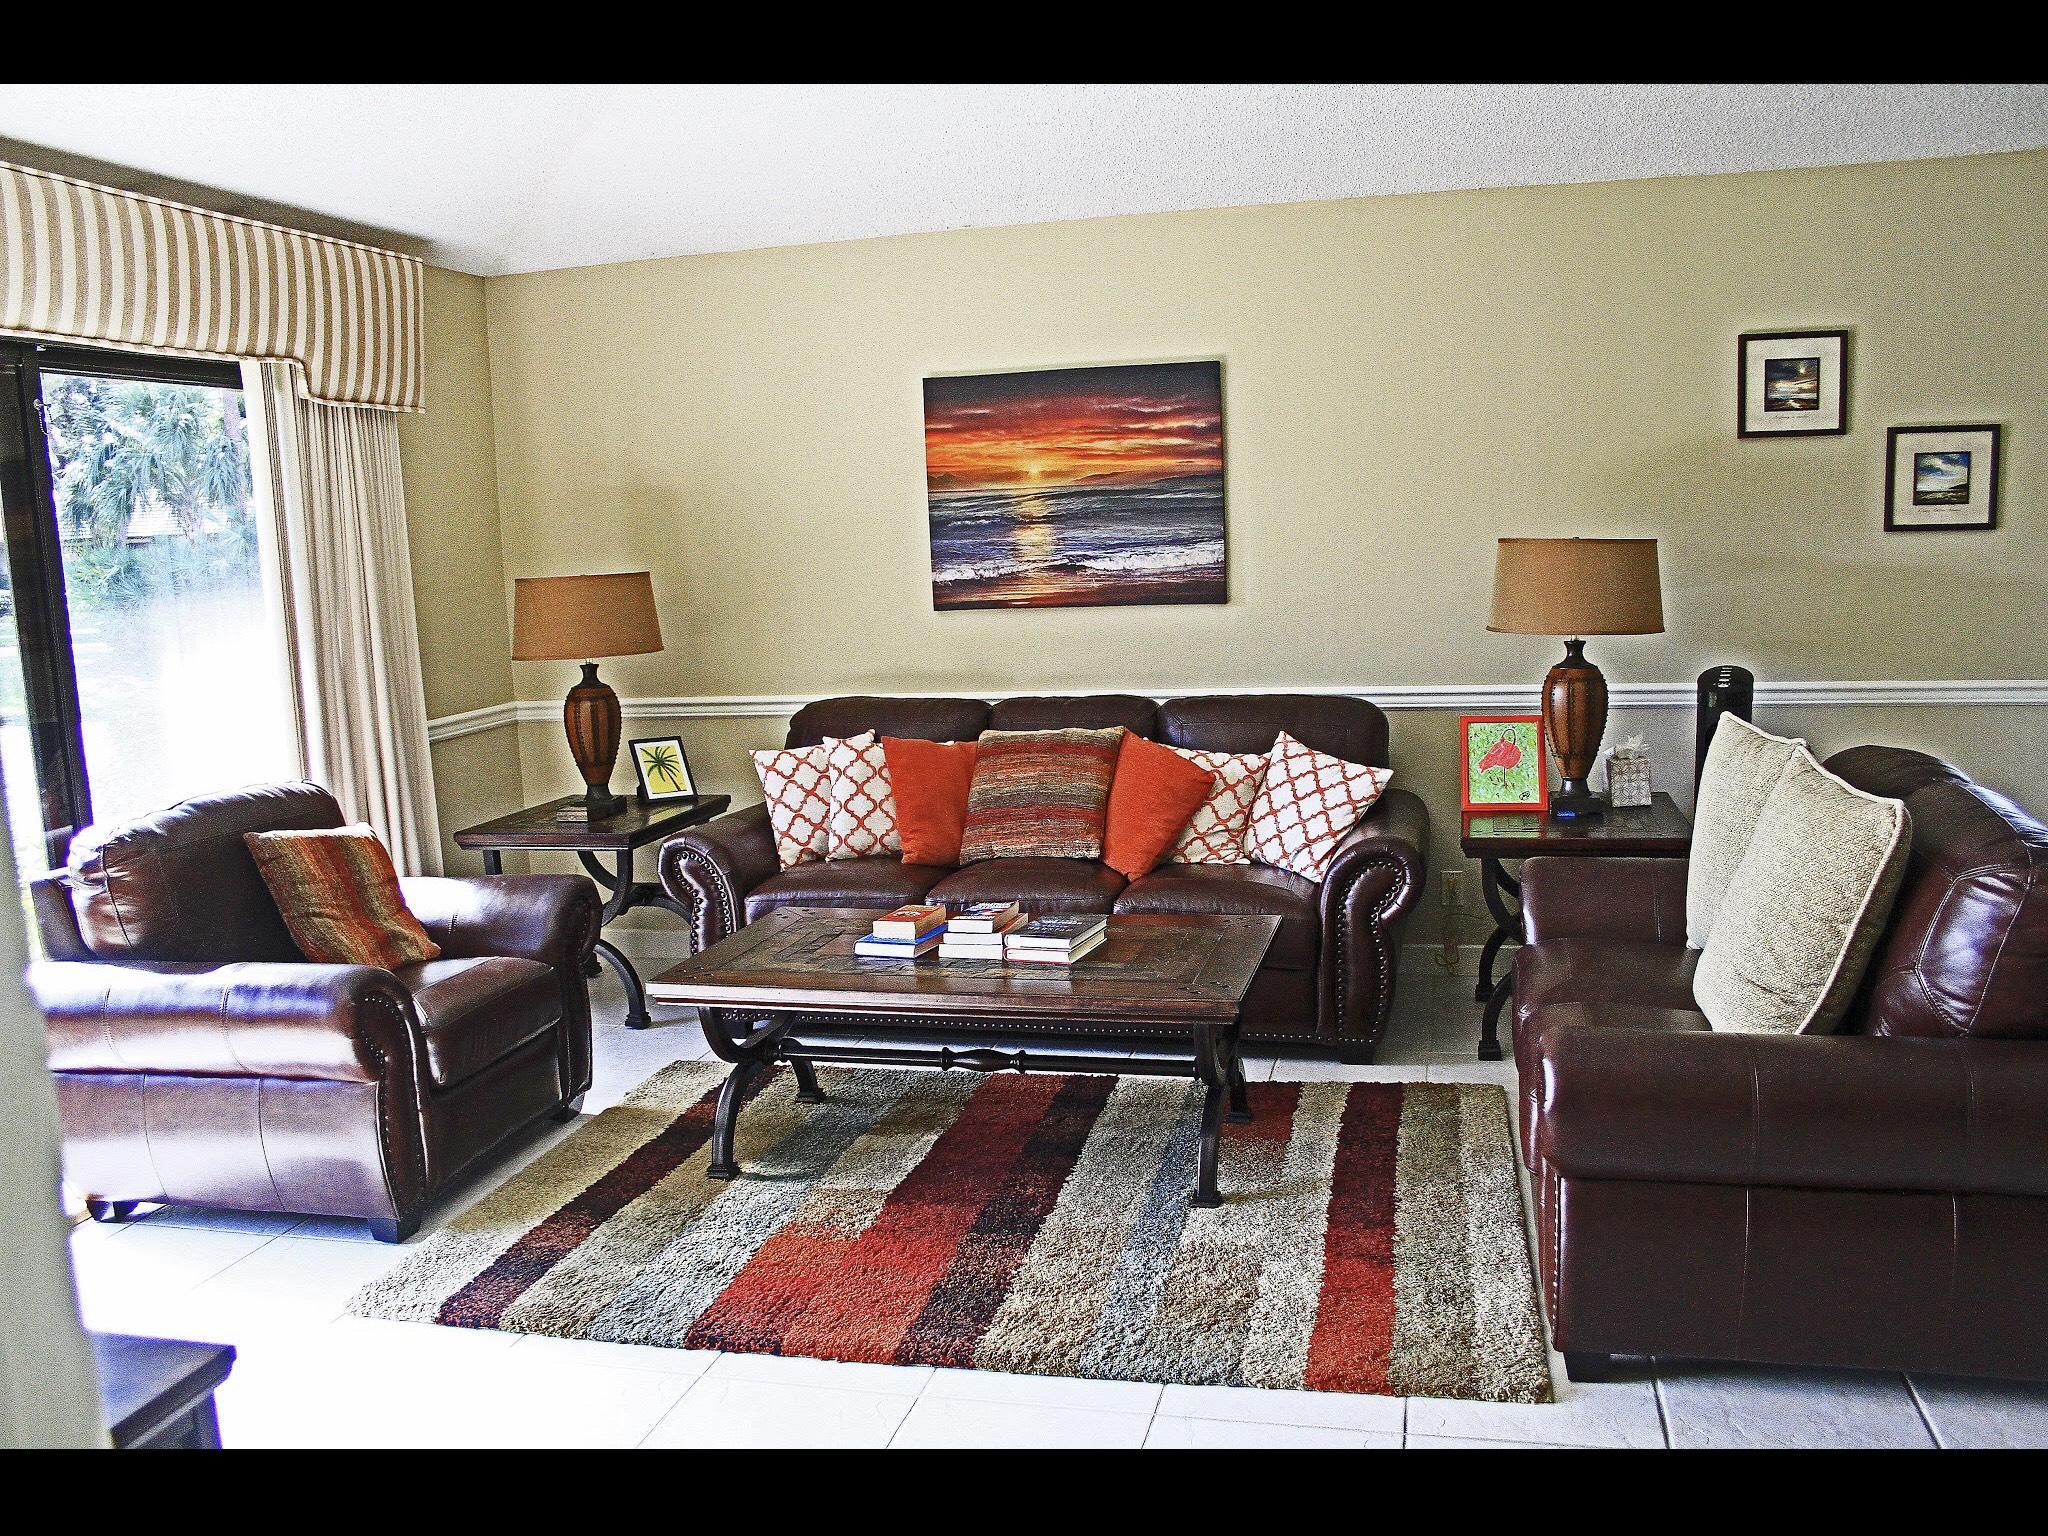 713 Club Drive - 33418 - FL - Palm Beach Gardens